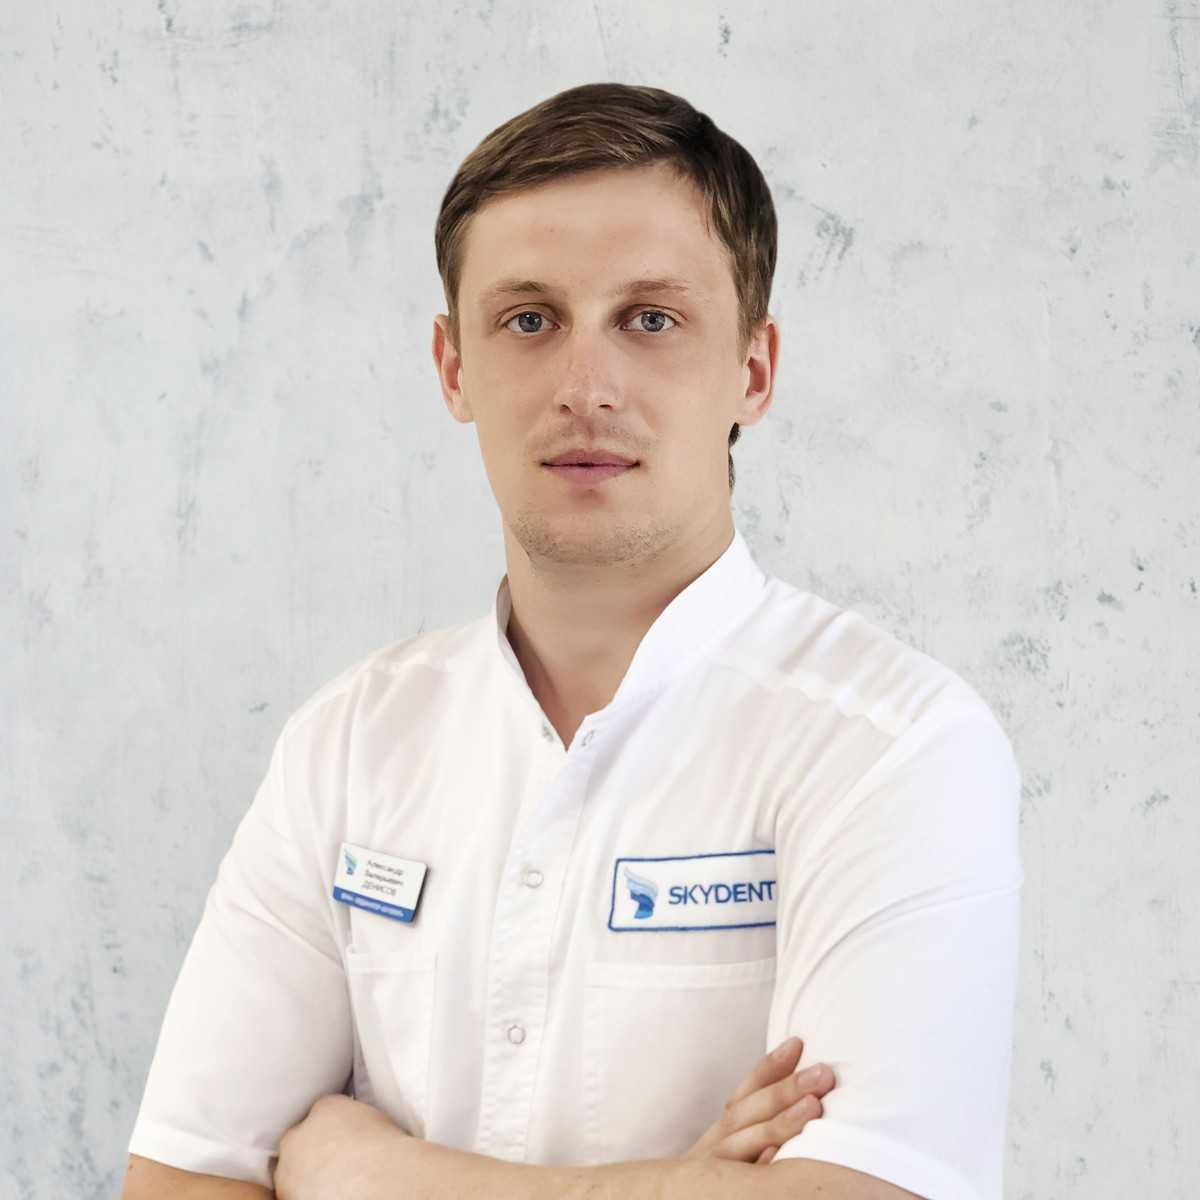 Денисов Александр Валерьевич - фотография